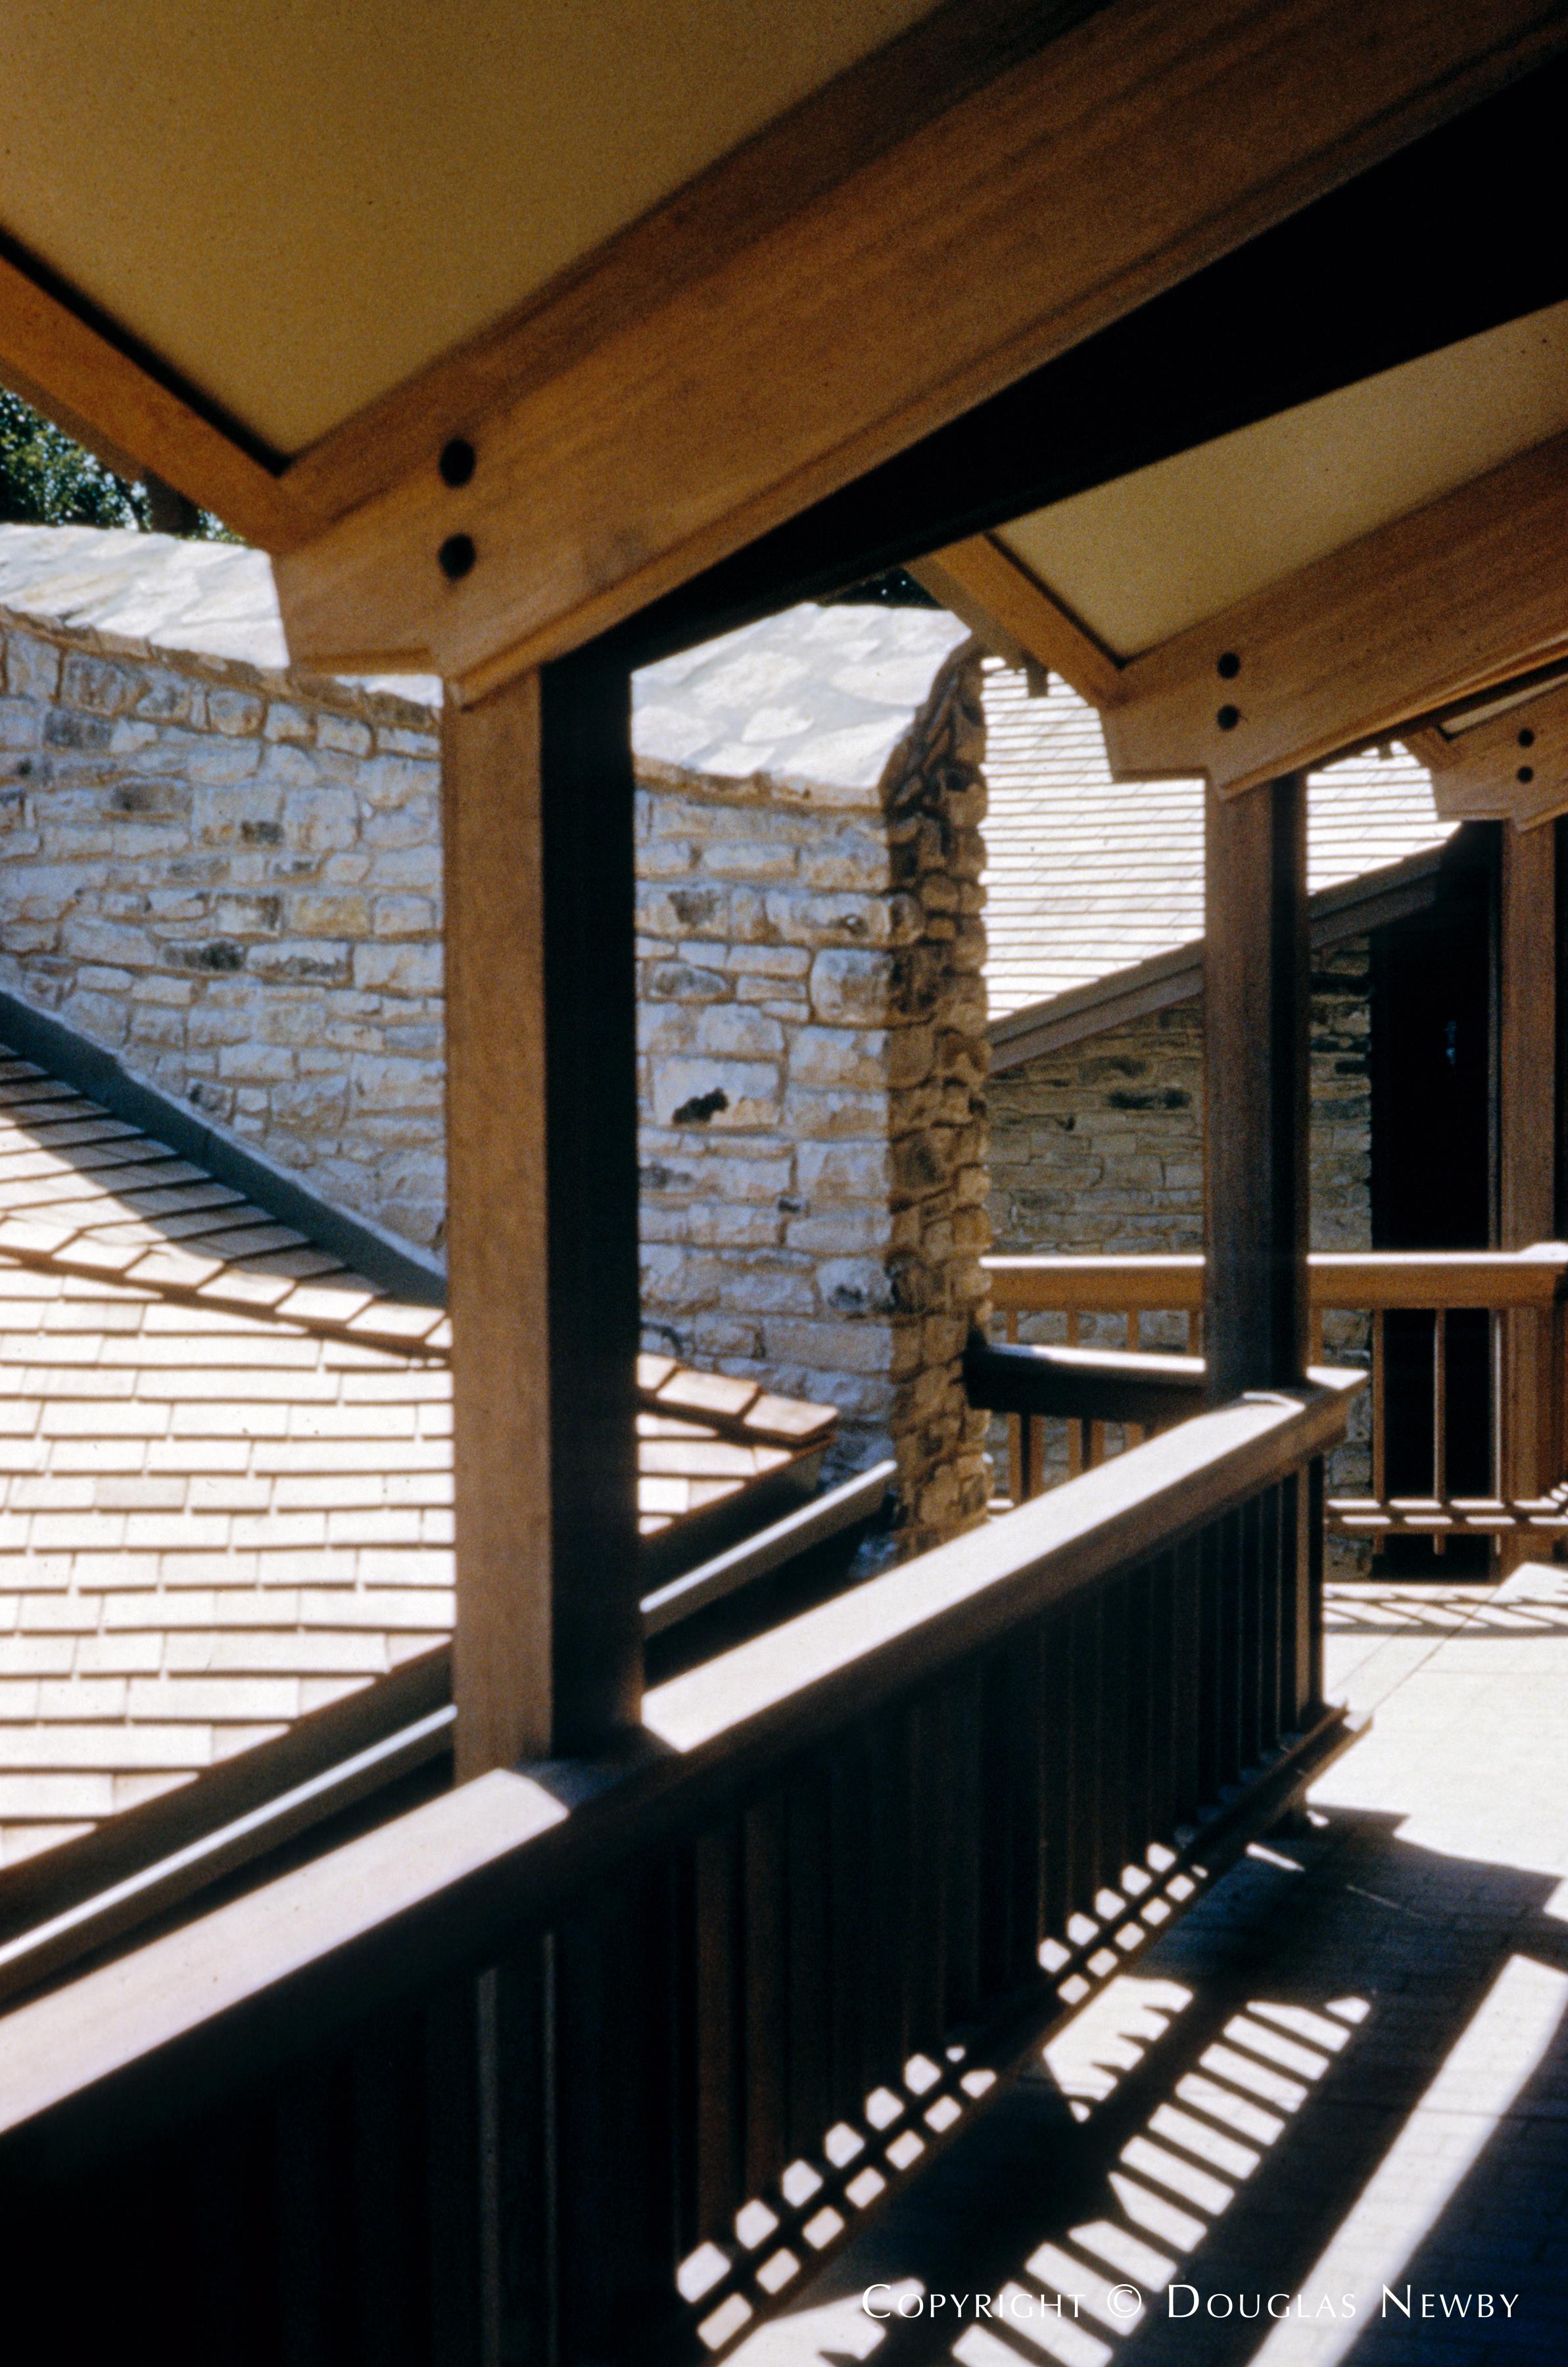 Architect Pratt & Box Designed Home in Bluffview Area